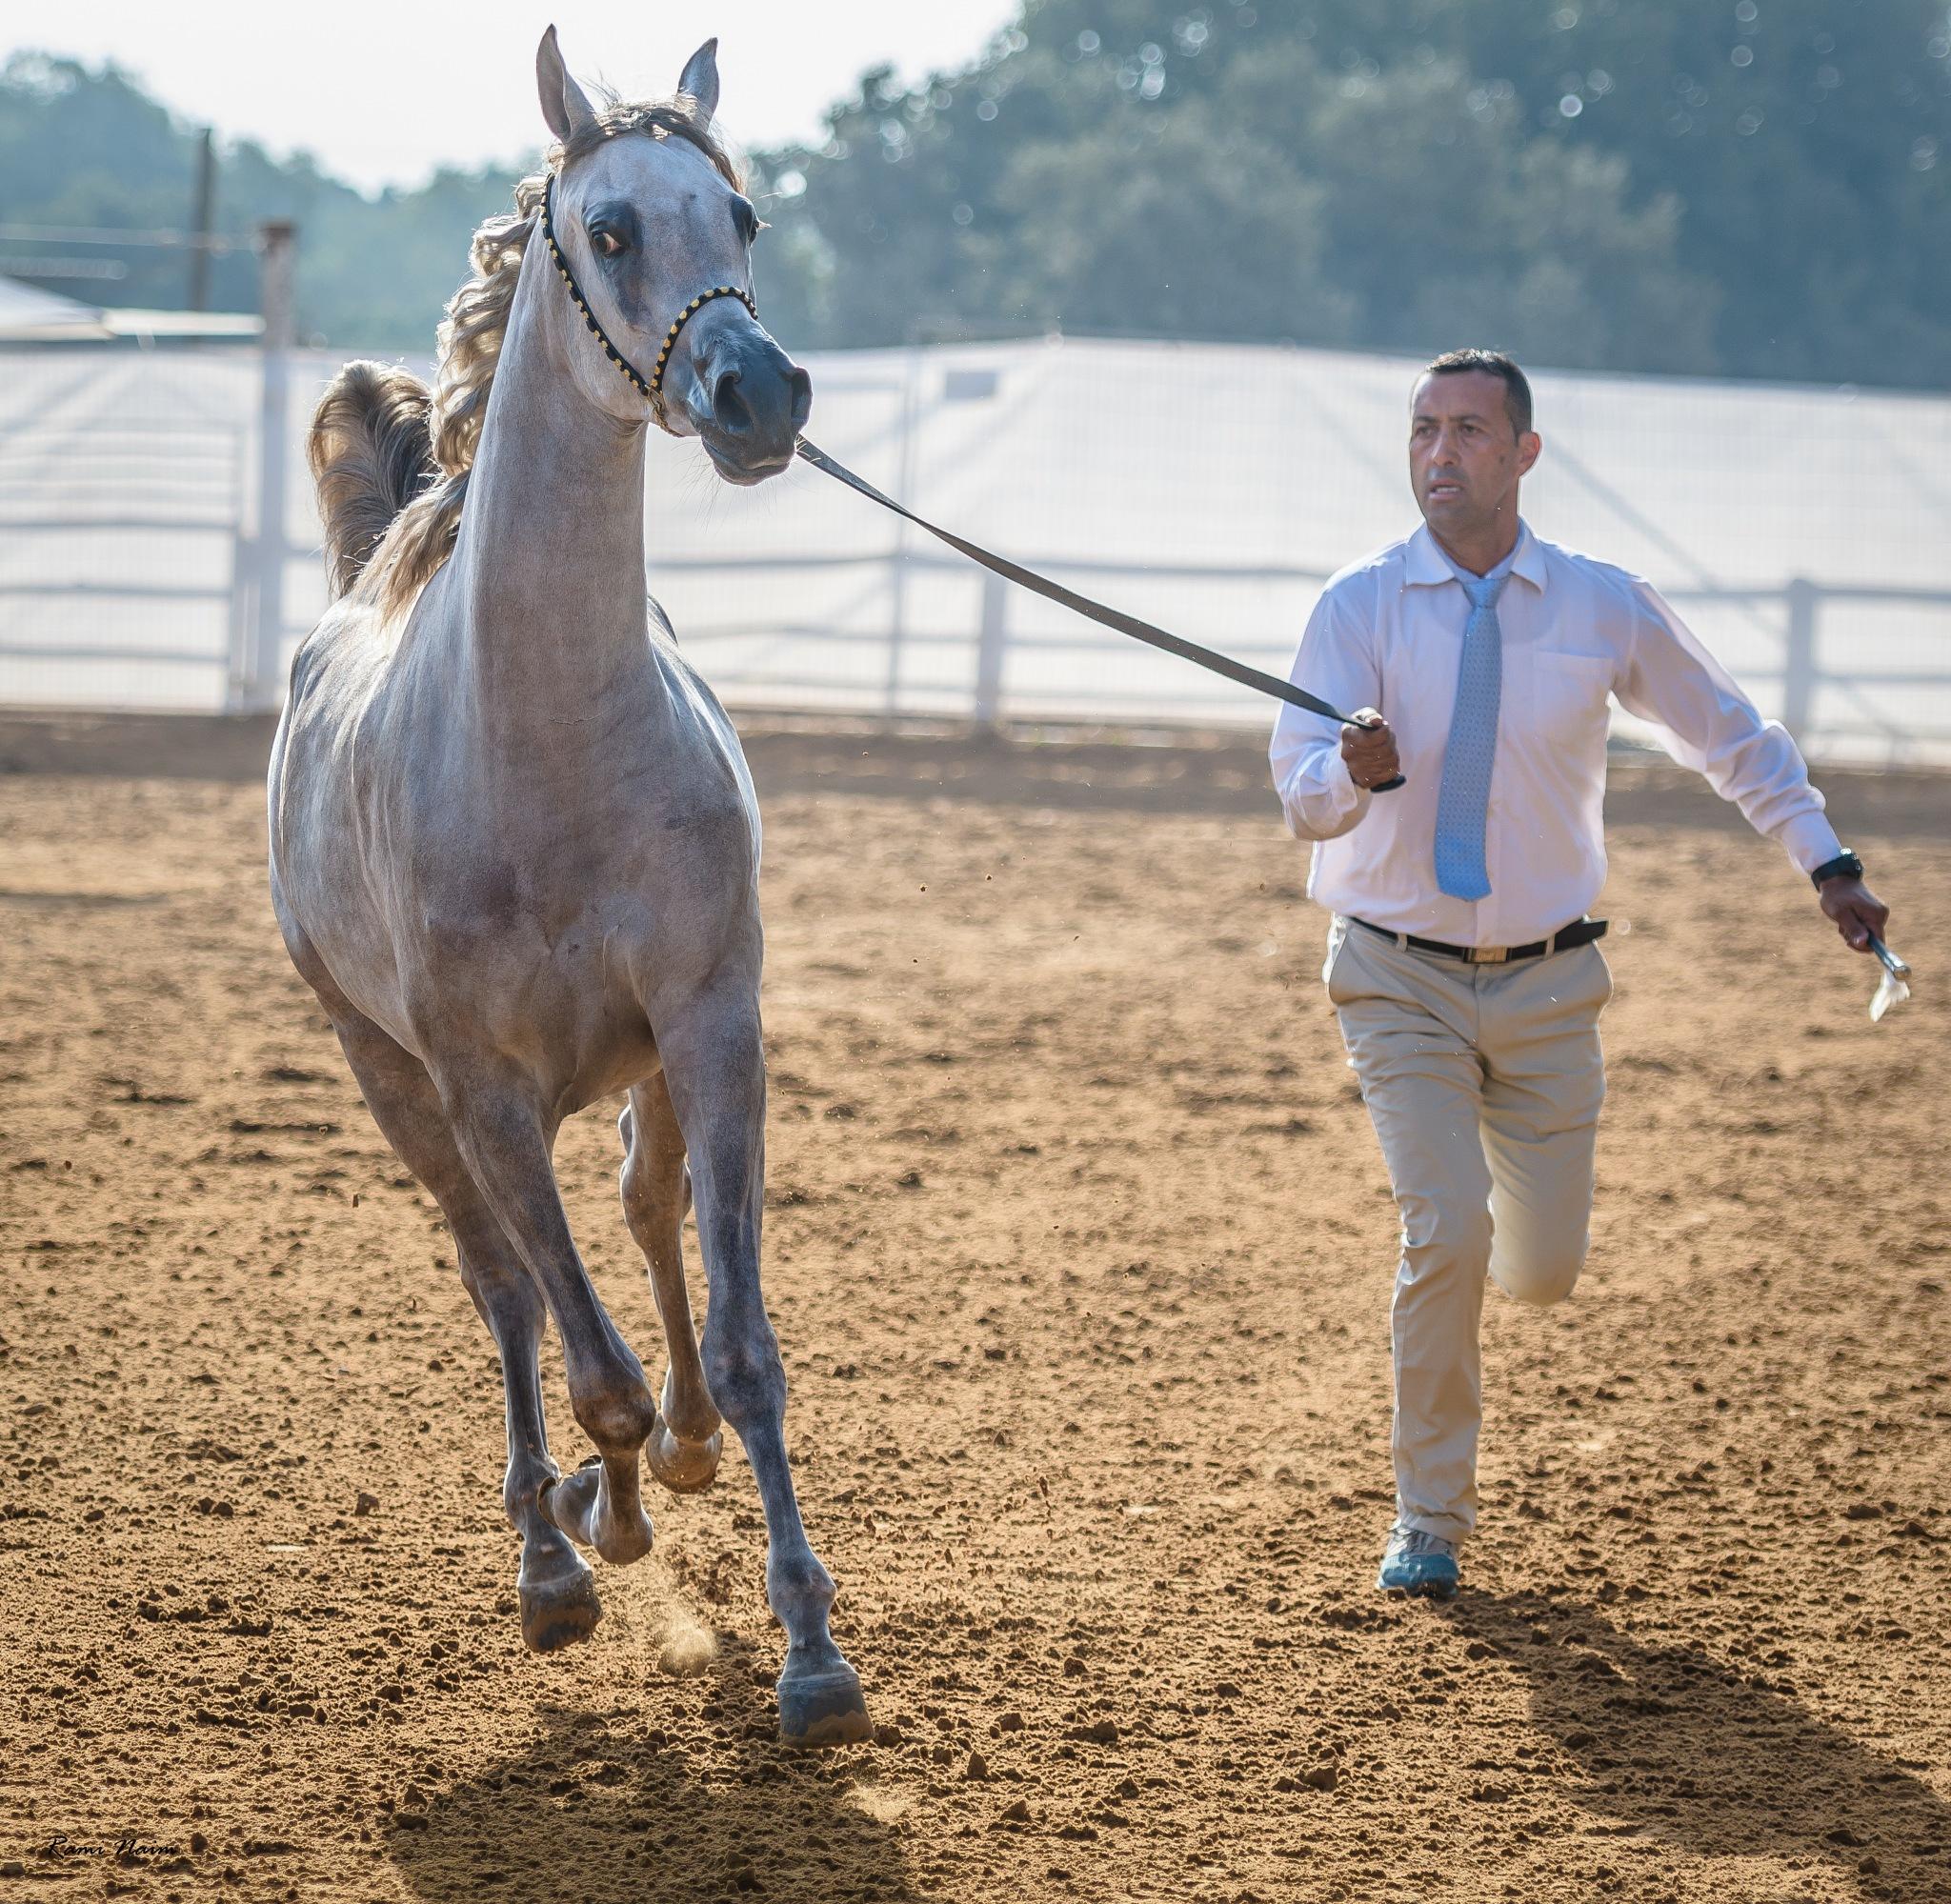 Horse and Rider by raminaim